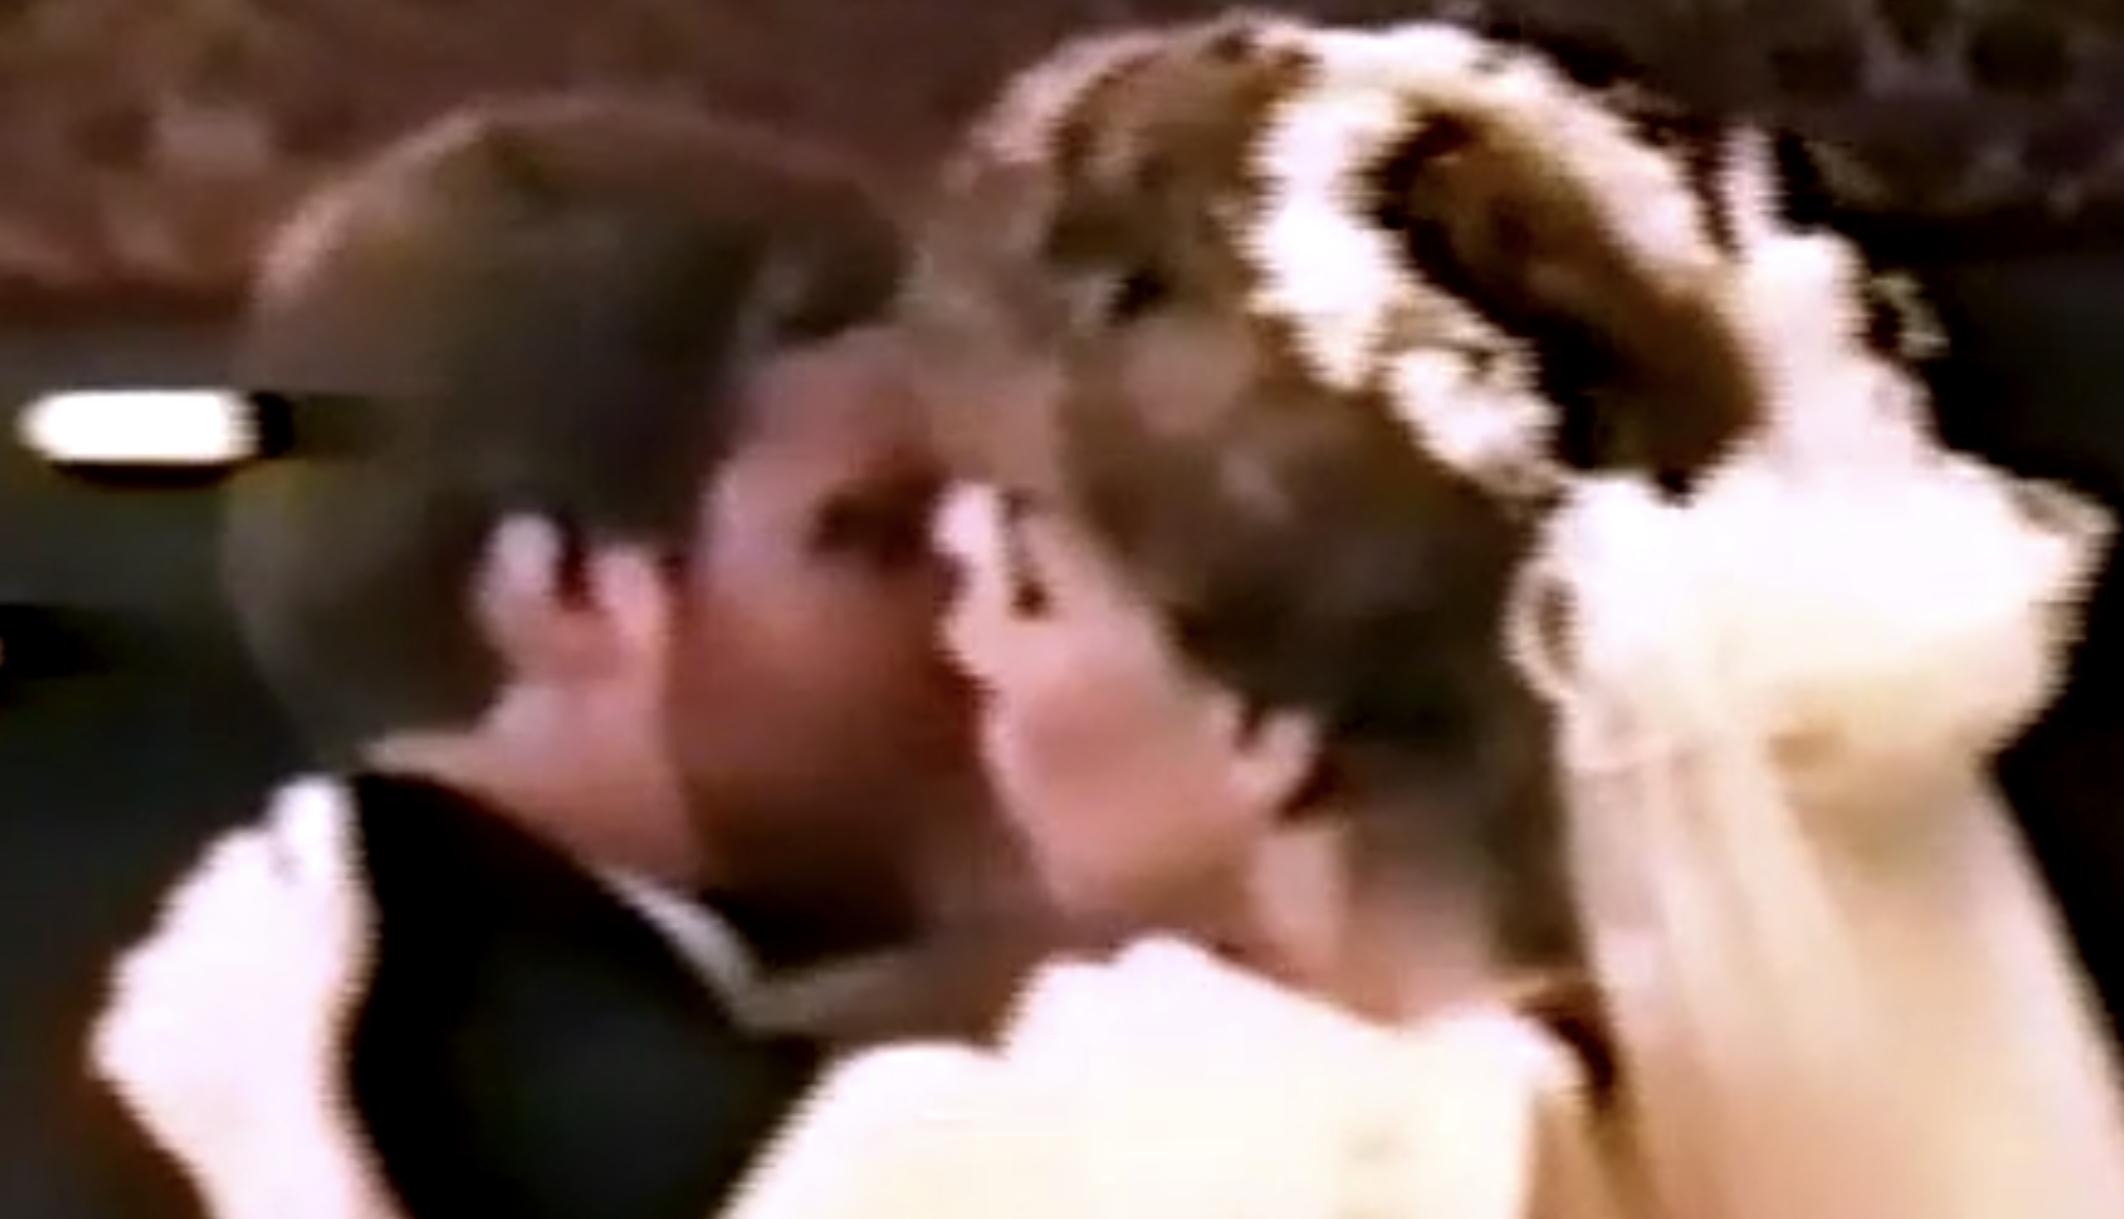 Kvinde begynder langsomt at forgifte mand bare måneder efter deres 'lykkelige' bryllup